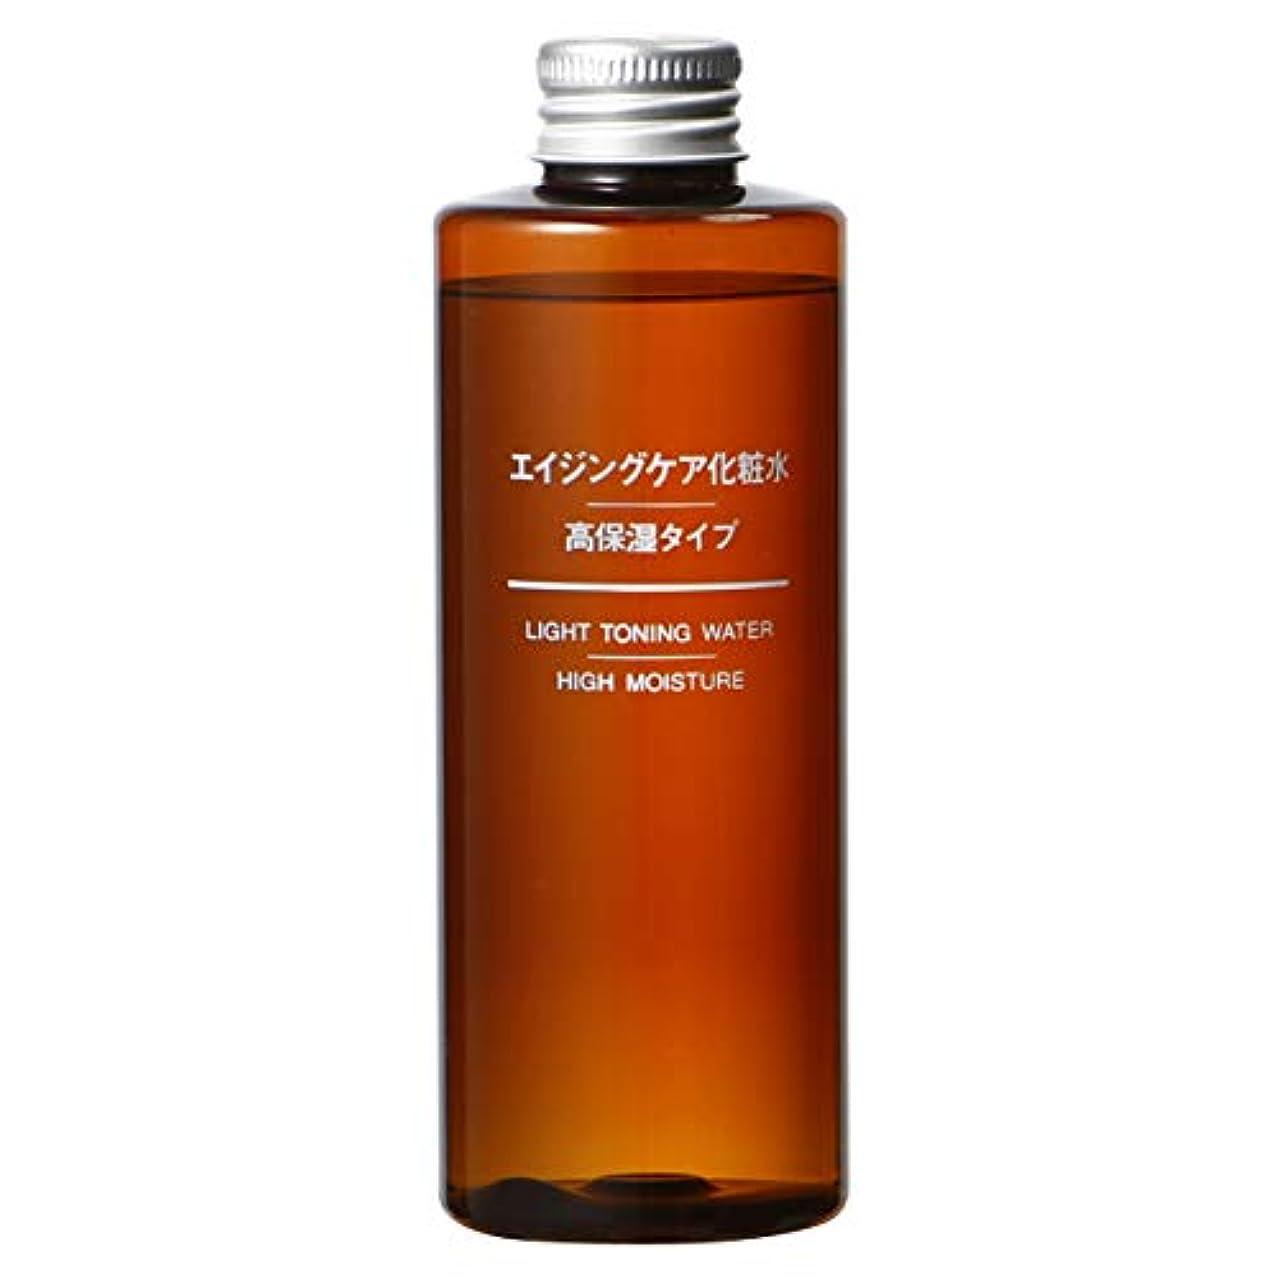 伝統応援する同種の無印良品 エイジングケア化粧水?高保湿タイプ 200ml